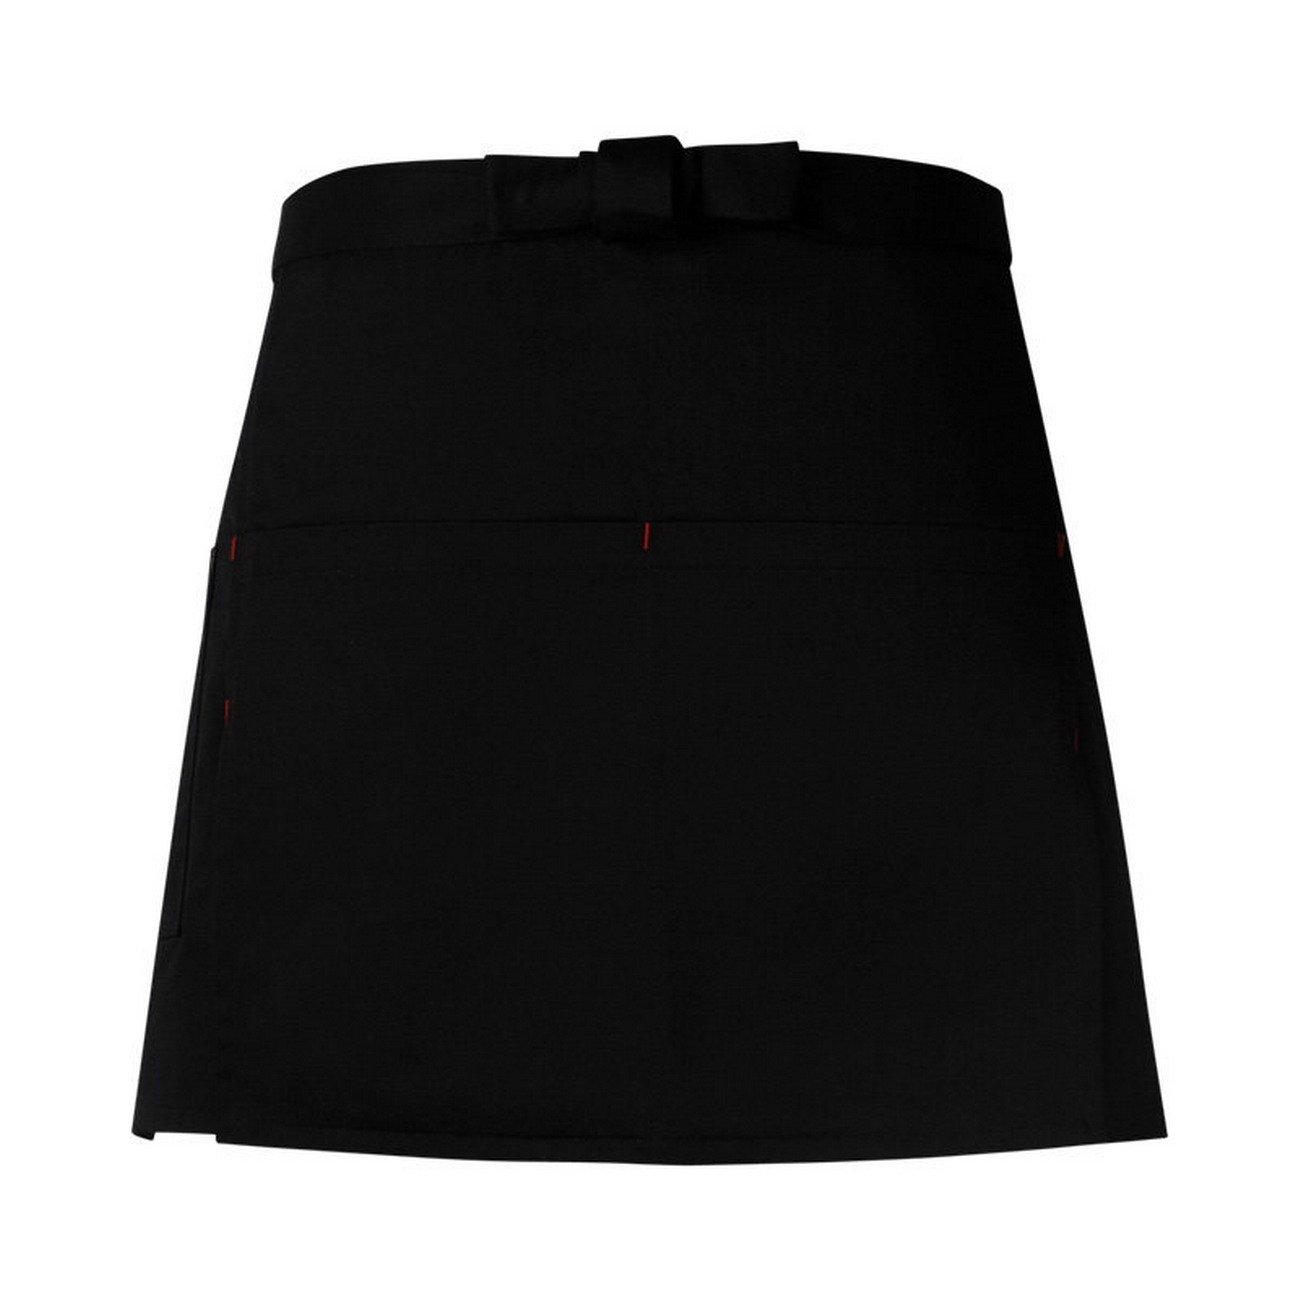 ファッションバストよだれかけエプロンポケット付きMan WomanウェイターChef Uniformキッチンレストラン料理Bistroエプロン OneSize OneSize Black-810 B07FF8NY15